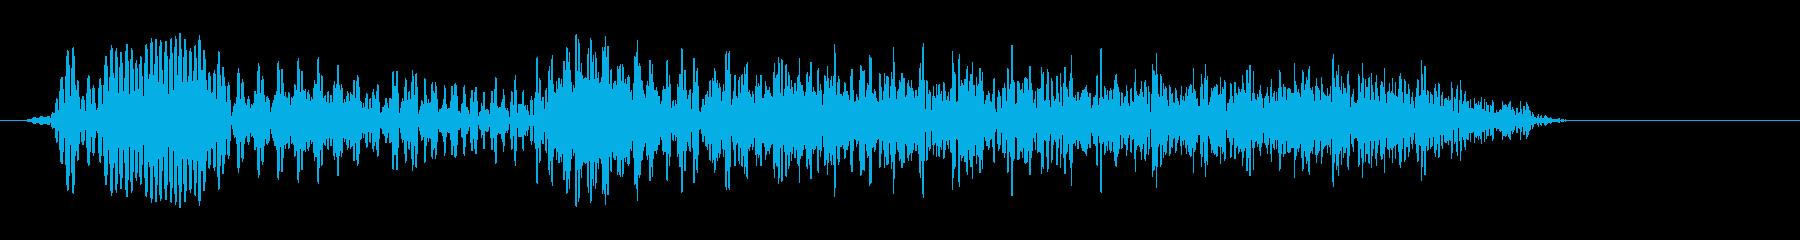 ワパァ(ロボットが発する音声)の再生済みの波形